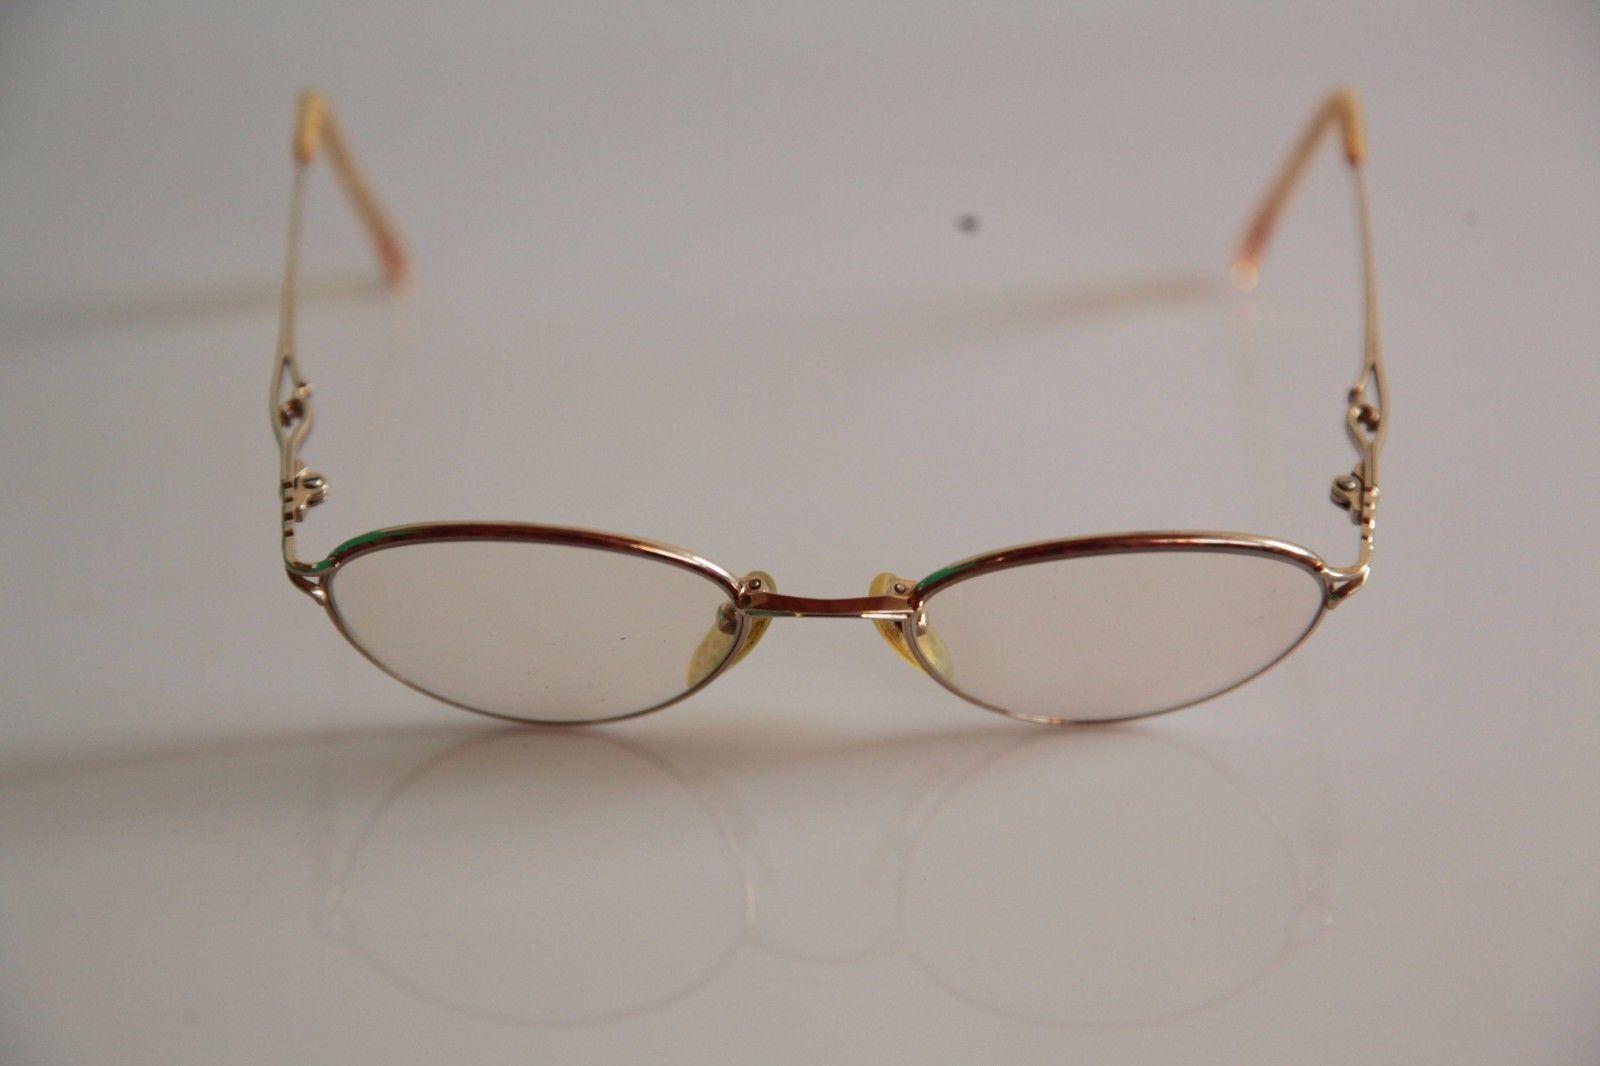 Vintage SEIKO Eyewear, Chrome Titanium Frame,  RX-Able Prescription lens. JAPAN